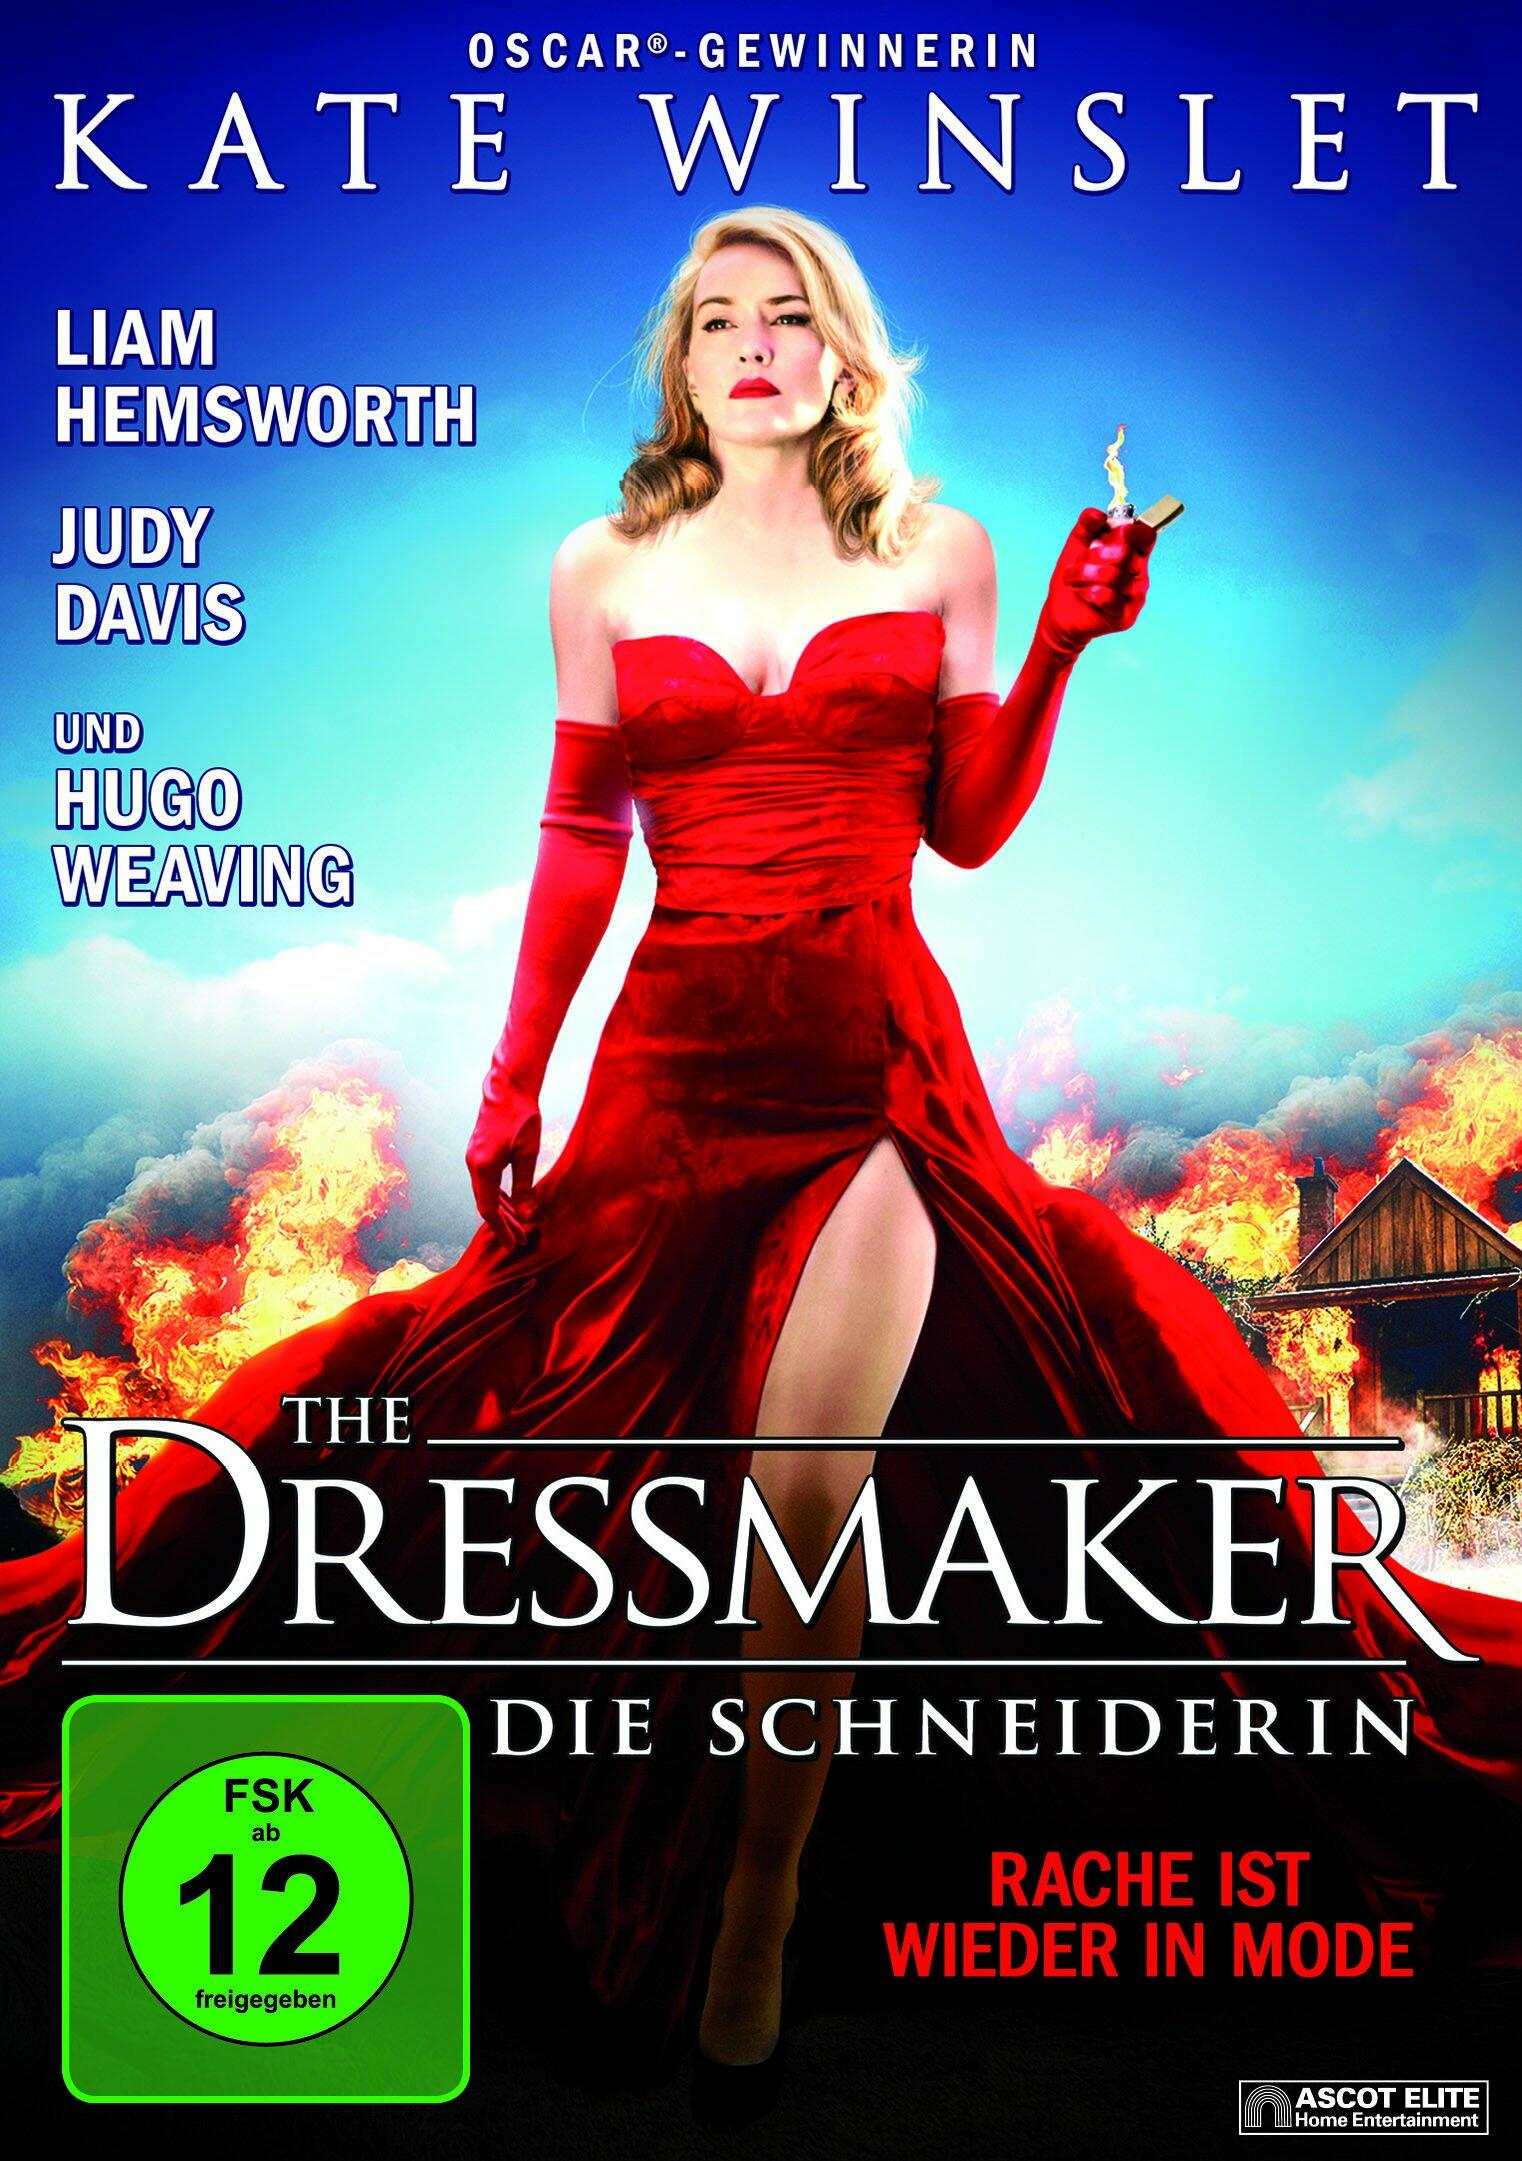 The Dressmaker Online Stream